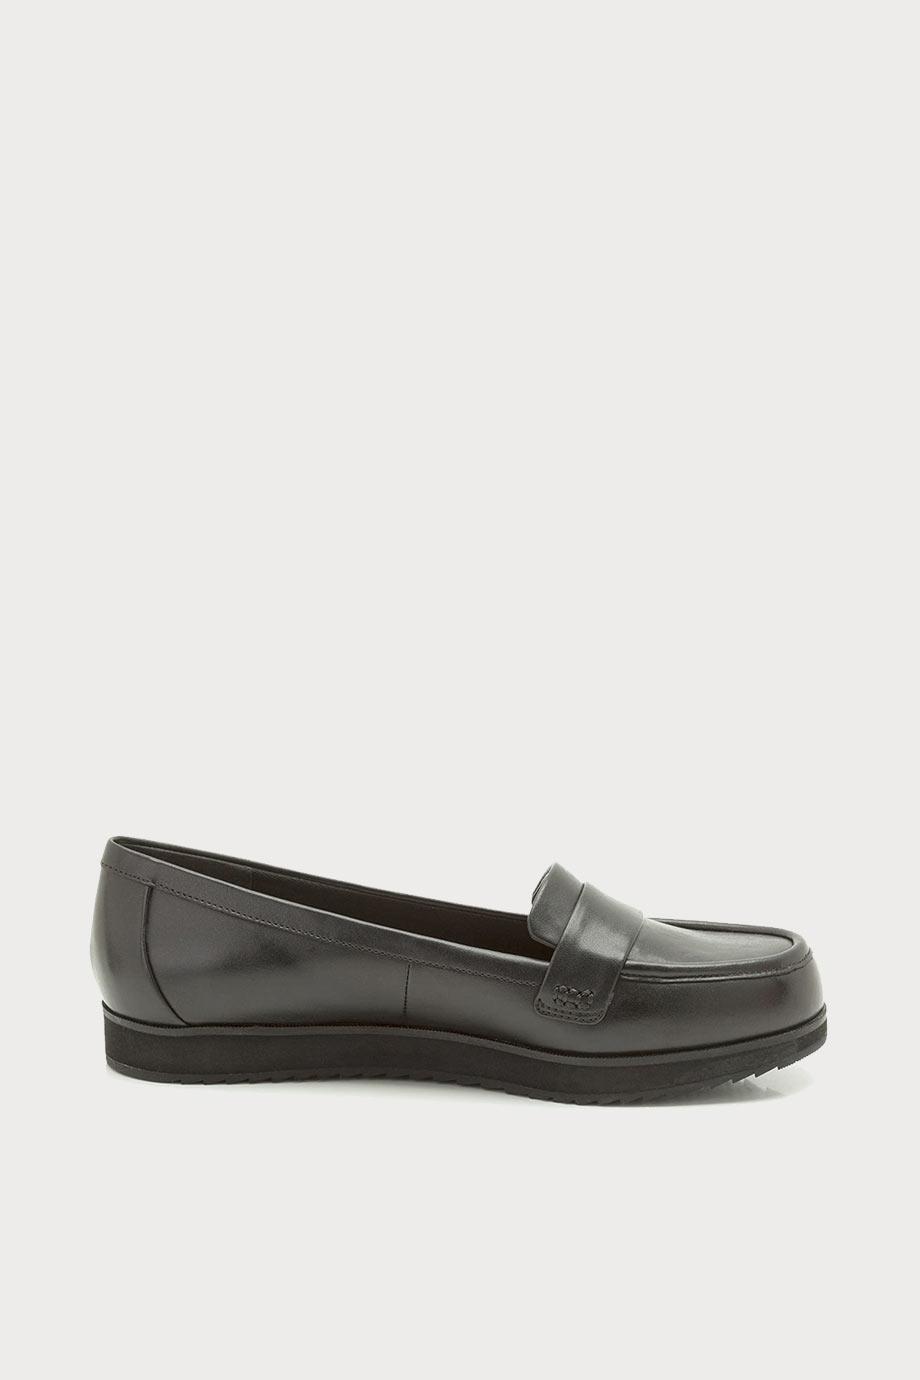 spiridoula metheniti shoes xalkida p amberley opera black leather clarks 6